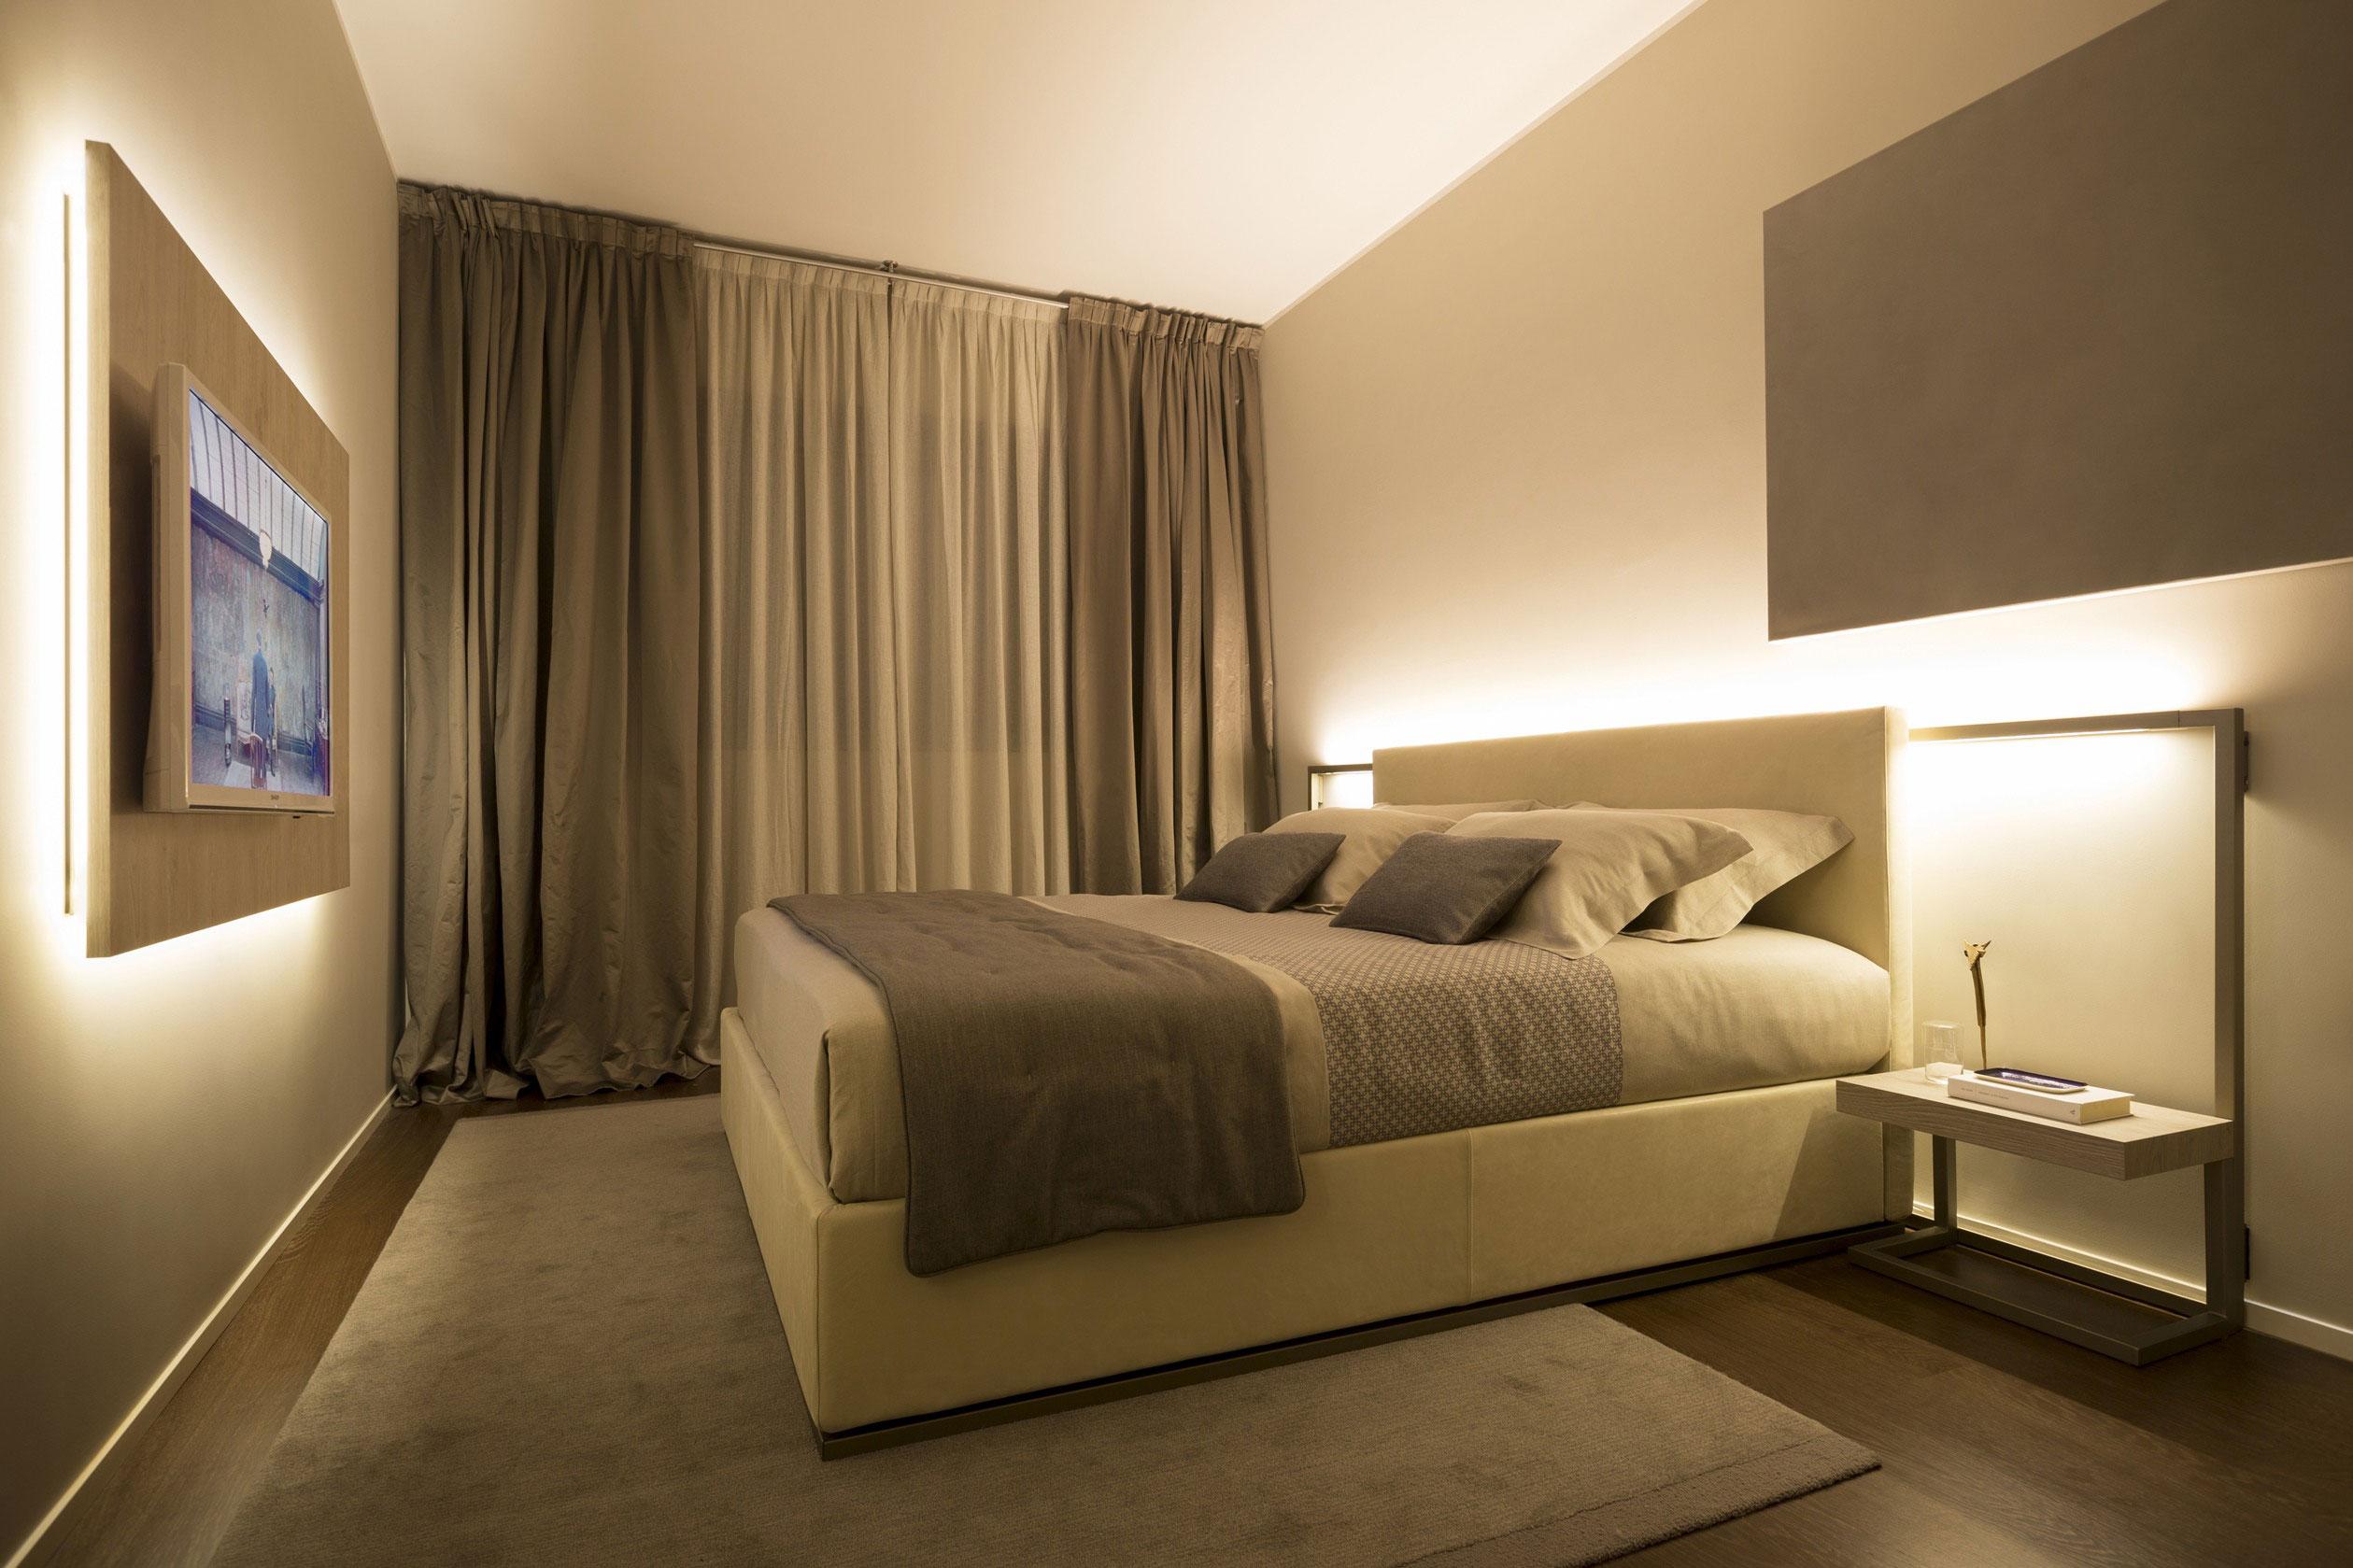 Шторы в современную спальню - 5